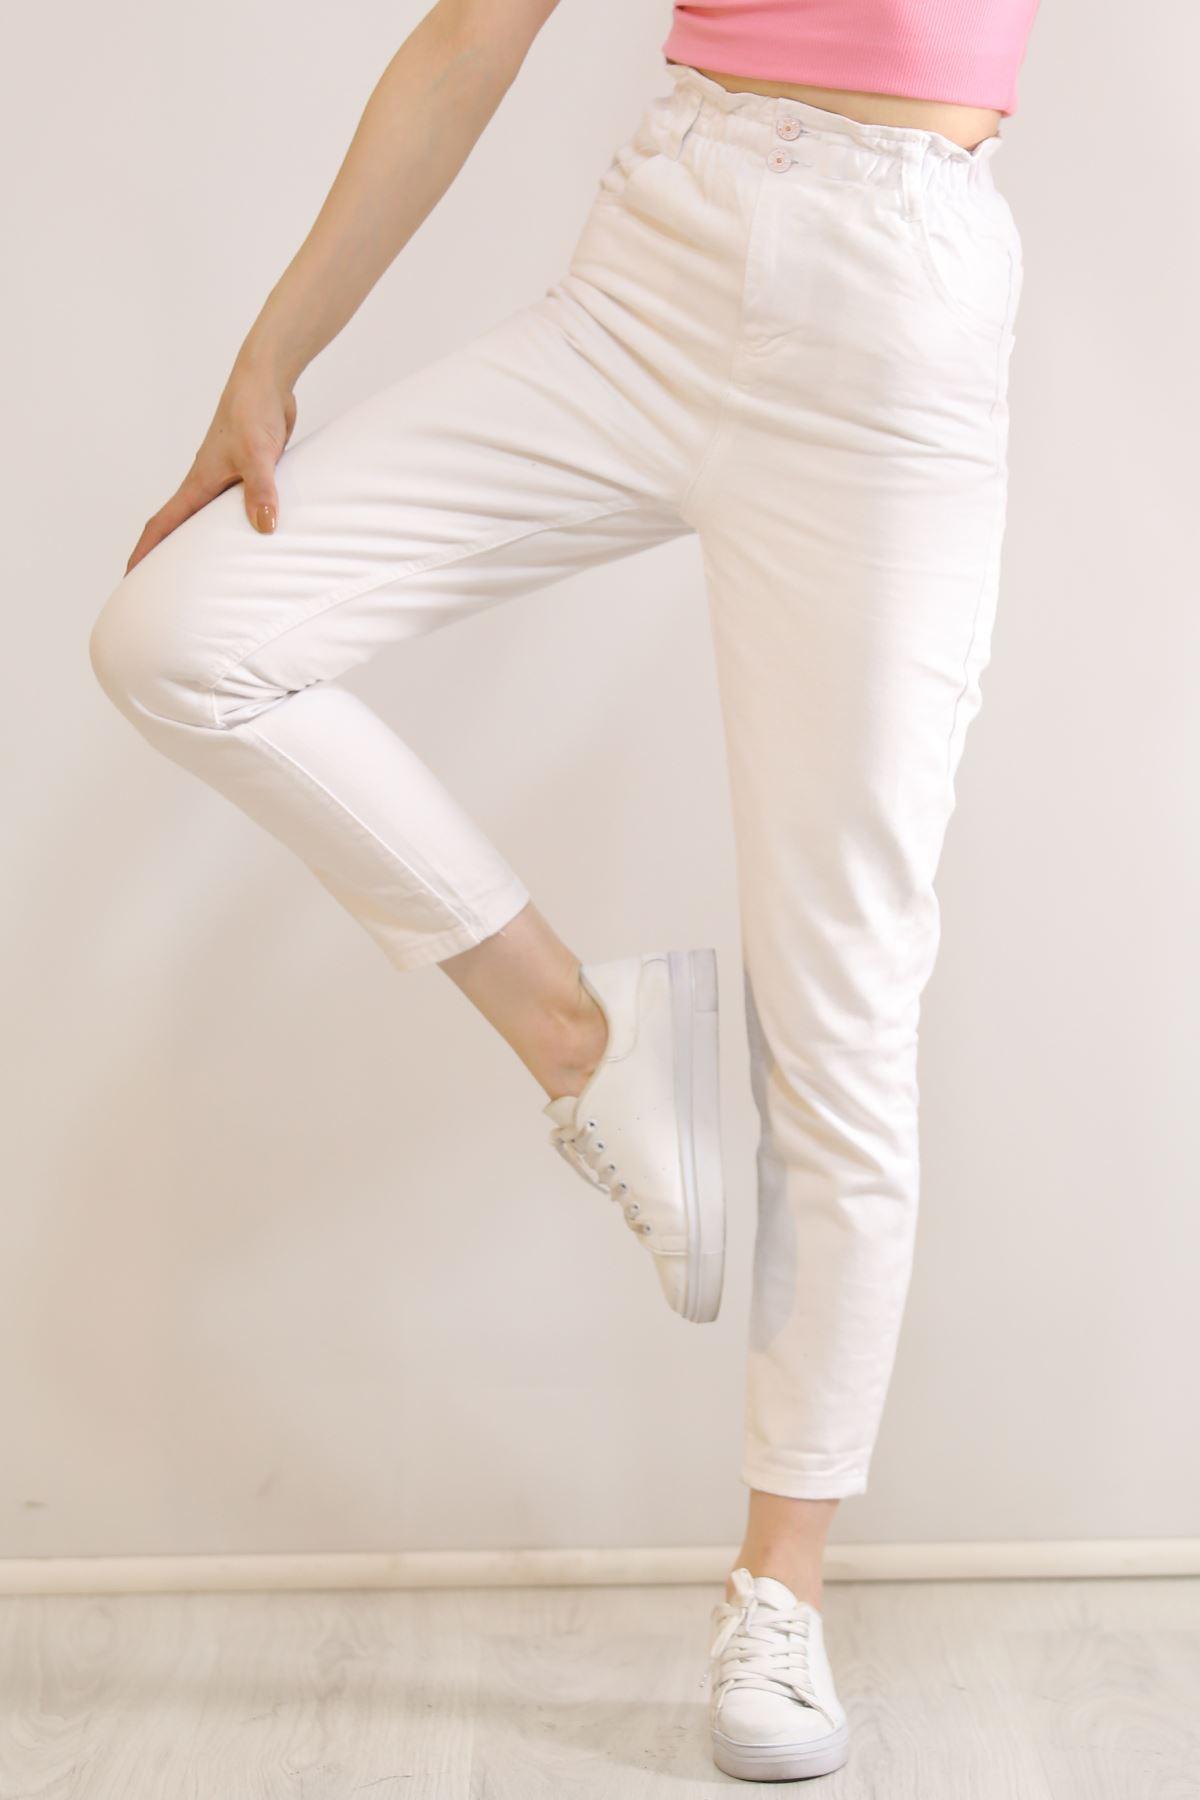 Çift Düğmeli  Kot Pantolon Beyaz - 5862.299.